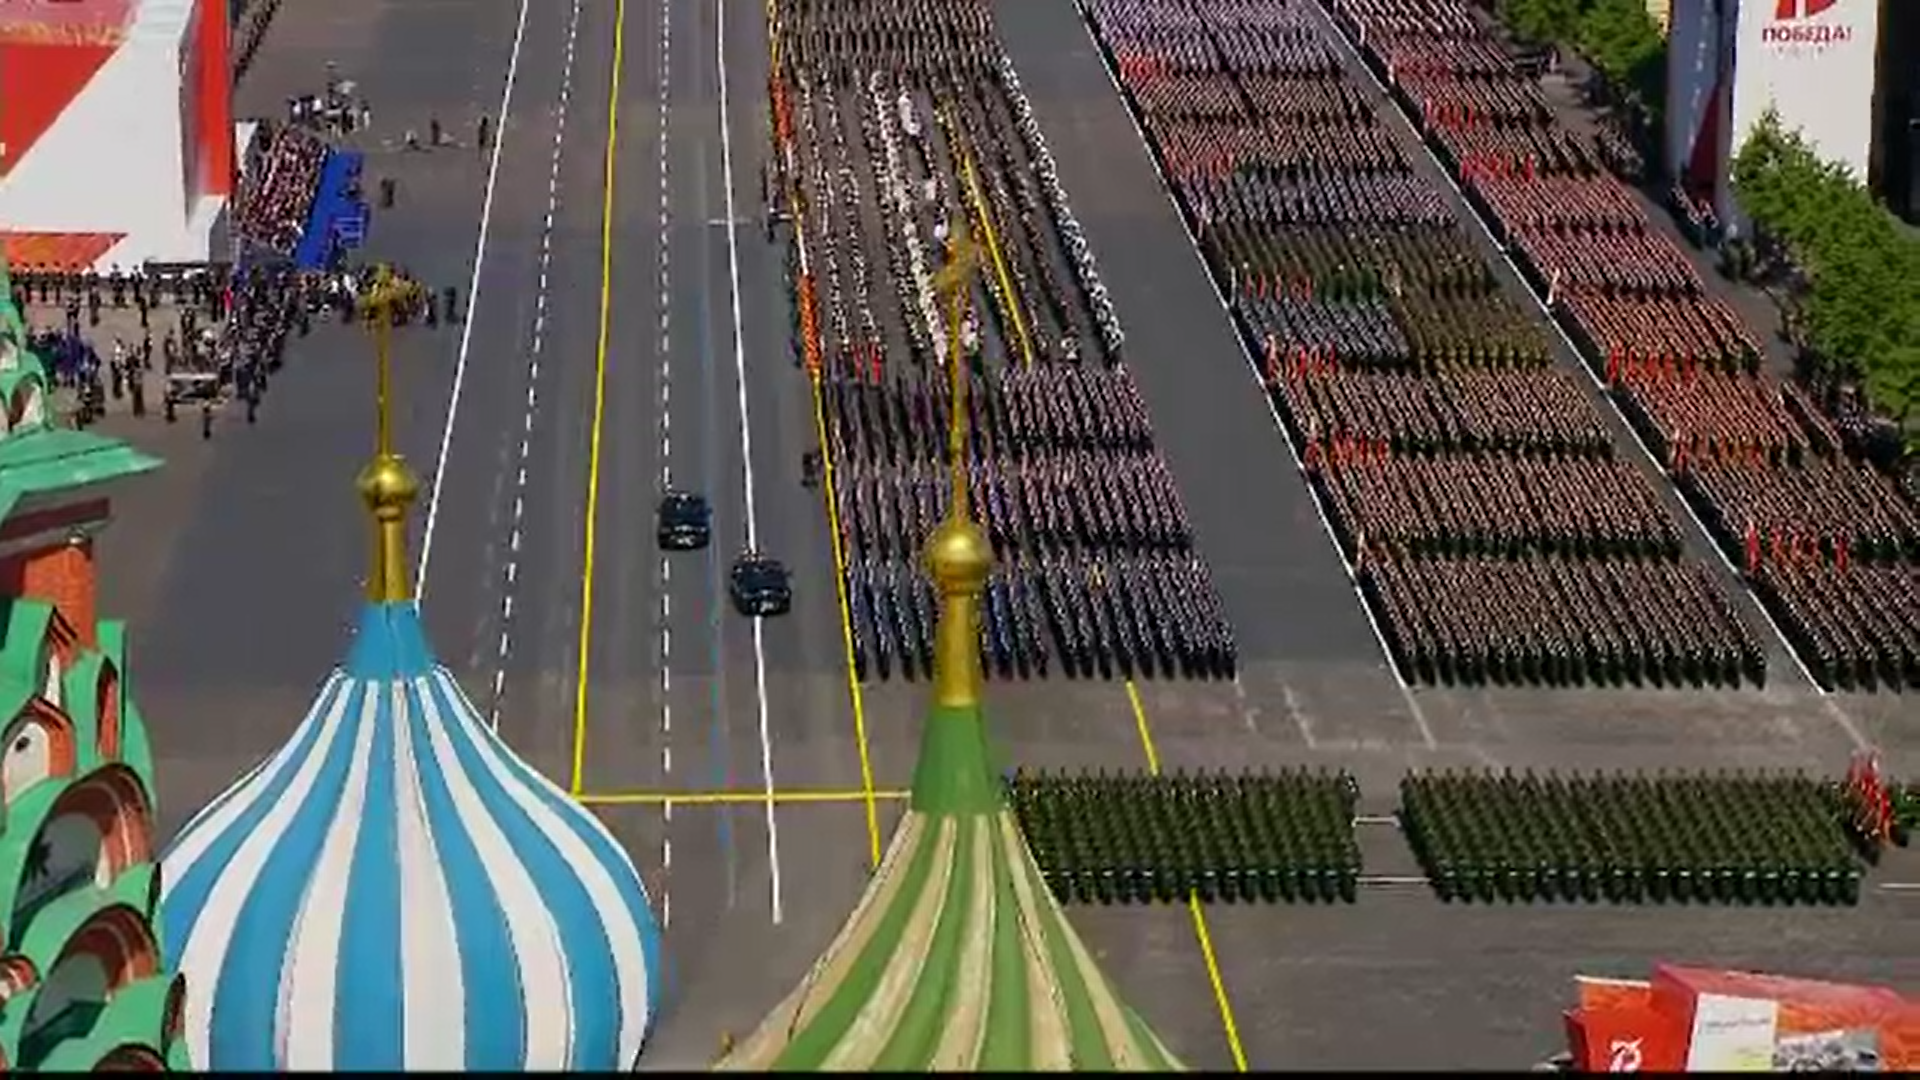 Imagini spectaculoase de la parada din Rusia de Ziua Victoriei